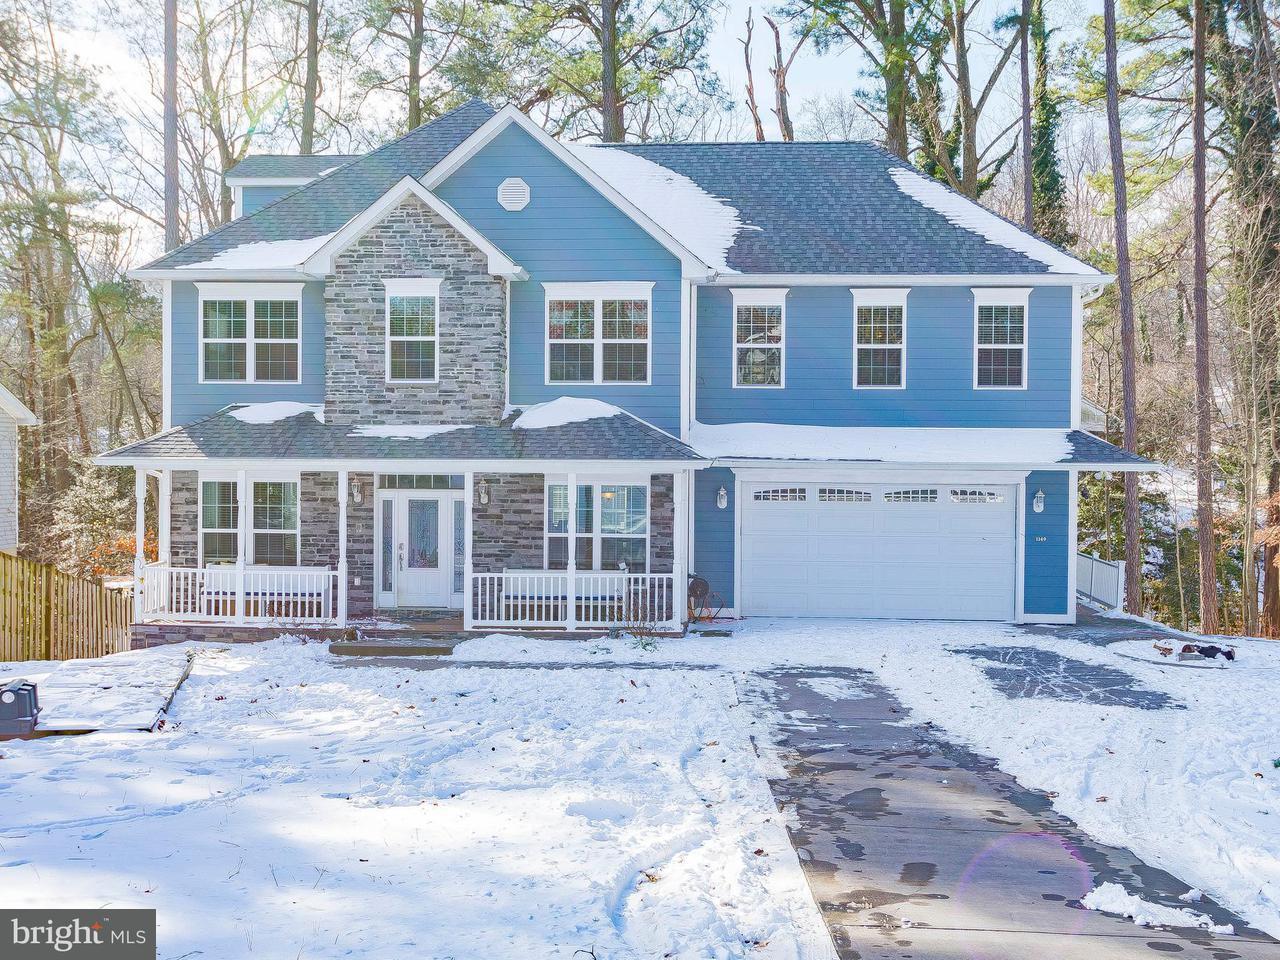 Maison unifamiliale pour l Vente à 1149 Stagecoach Circle 1149 Stagecoach Circle Lusby, Maryland 20657 États-Unis